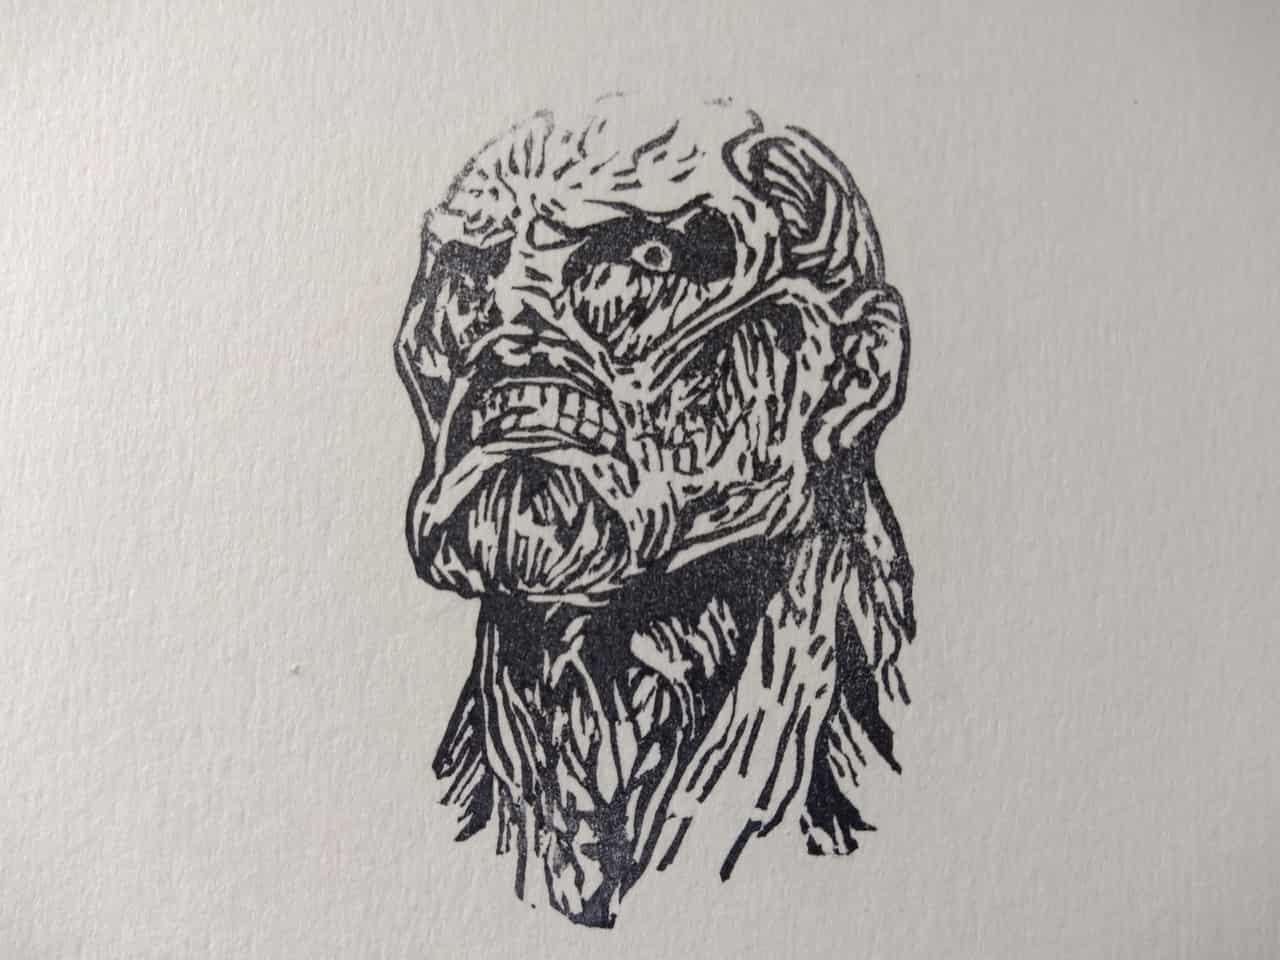 超大型巨人 Illust of アニヲタ第三世代 消しゴムはんこ AttackonTitan 超大型巨人